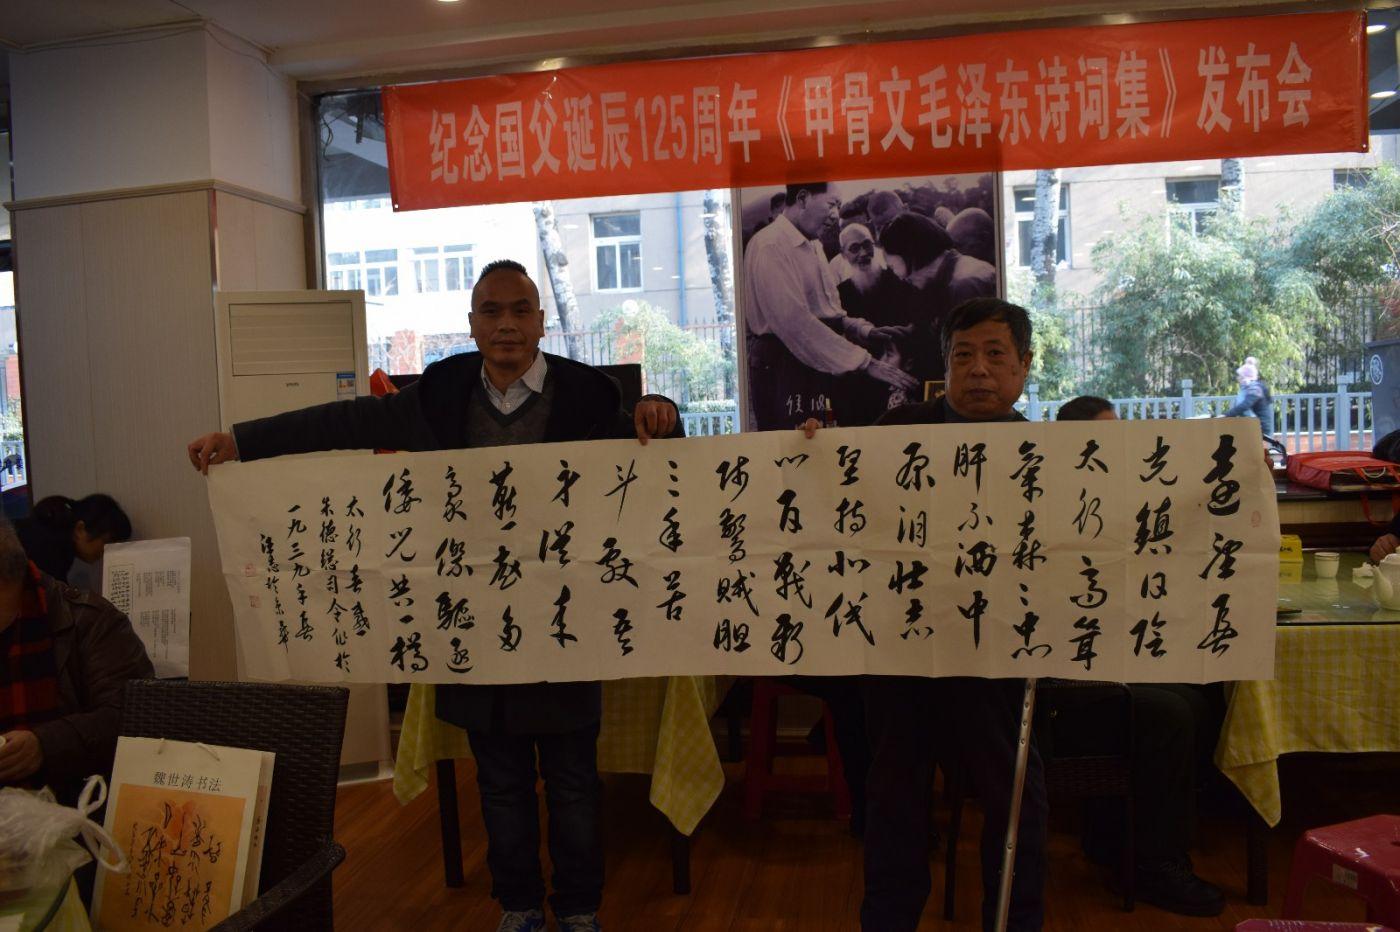 纪念毛泽东诞辰125周年《甲骨文毛泽东诗词集》  出版发布会在京举办 ... ... ..._图1-12